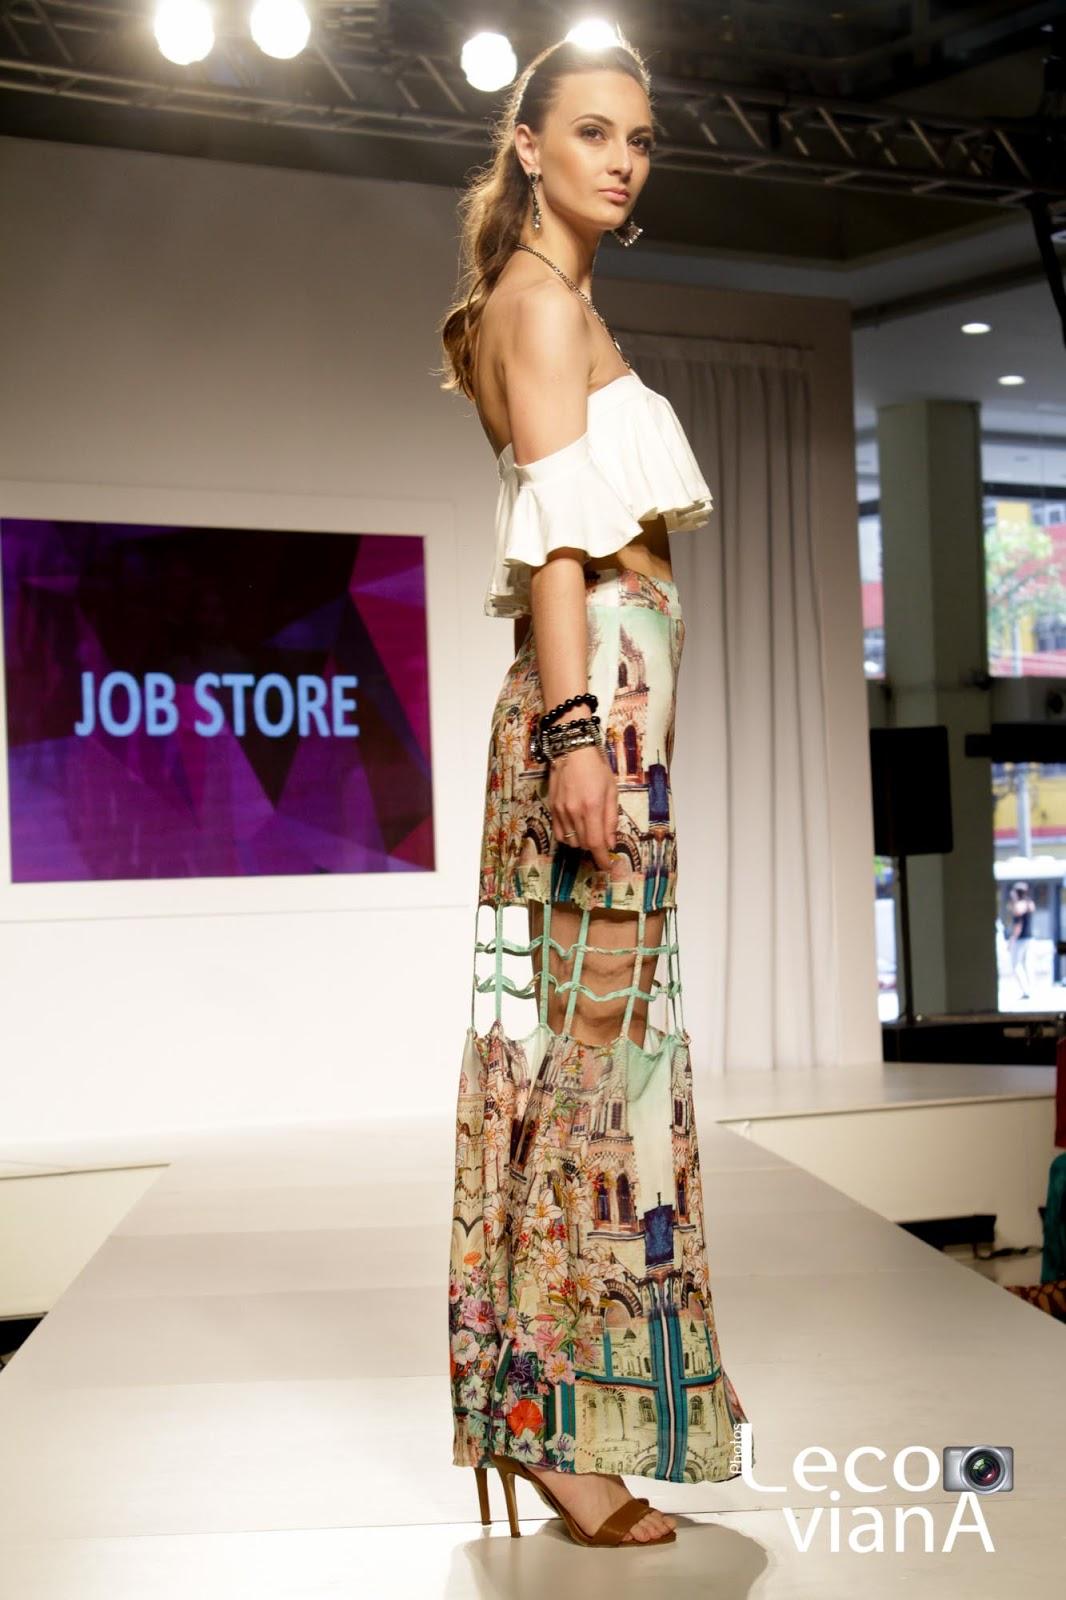 O evento foi aberto ao público e acontece no piso térreo do Shopping Mega  Polo Moda. ede21d9ee0